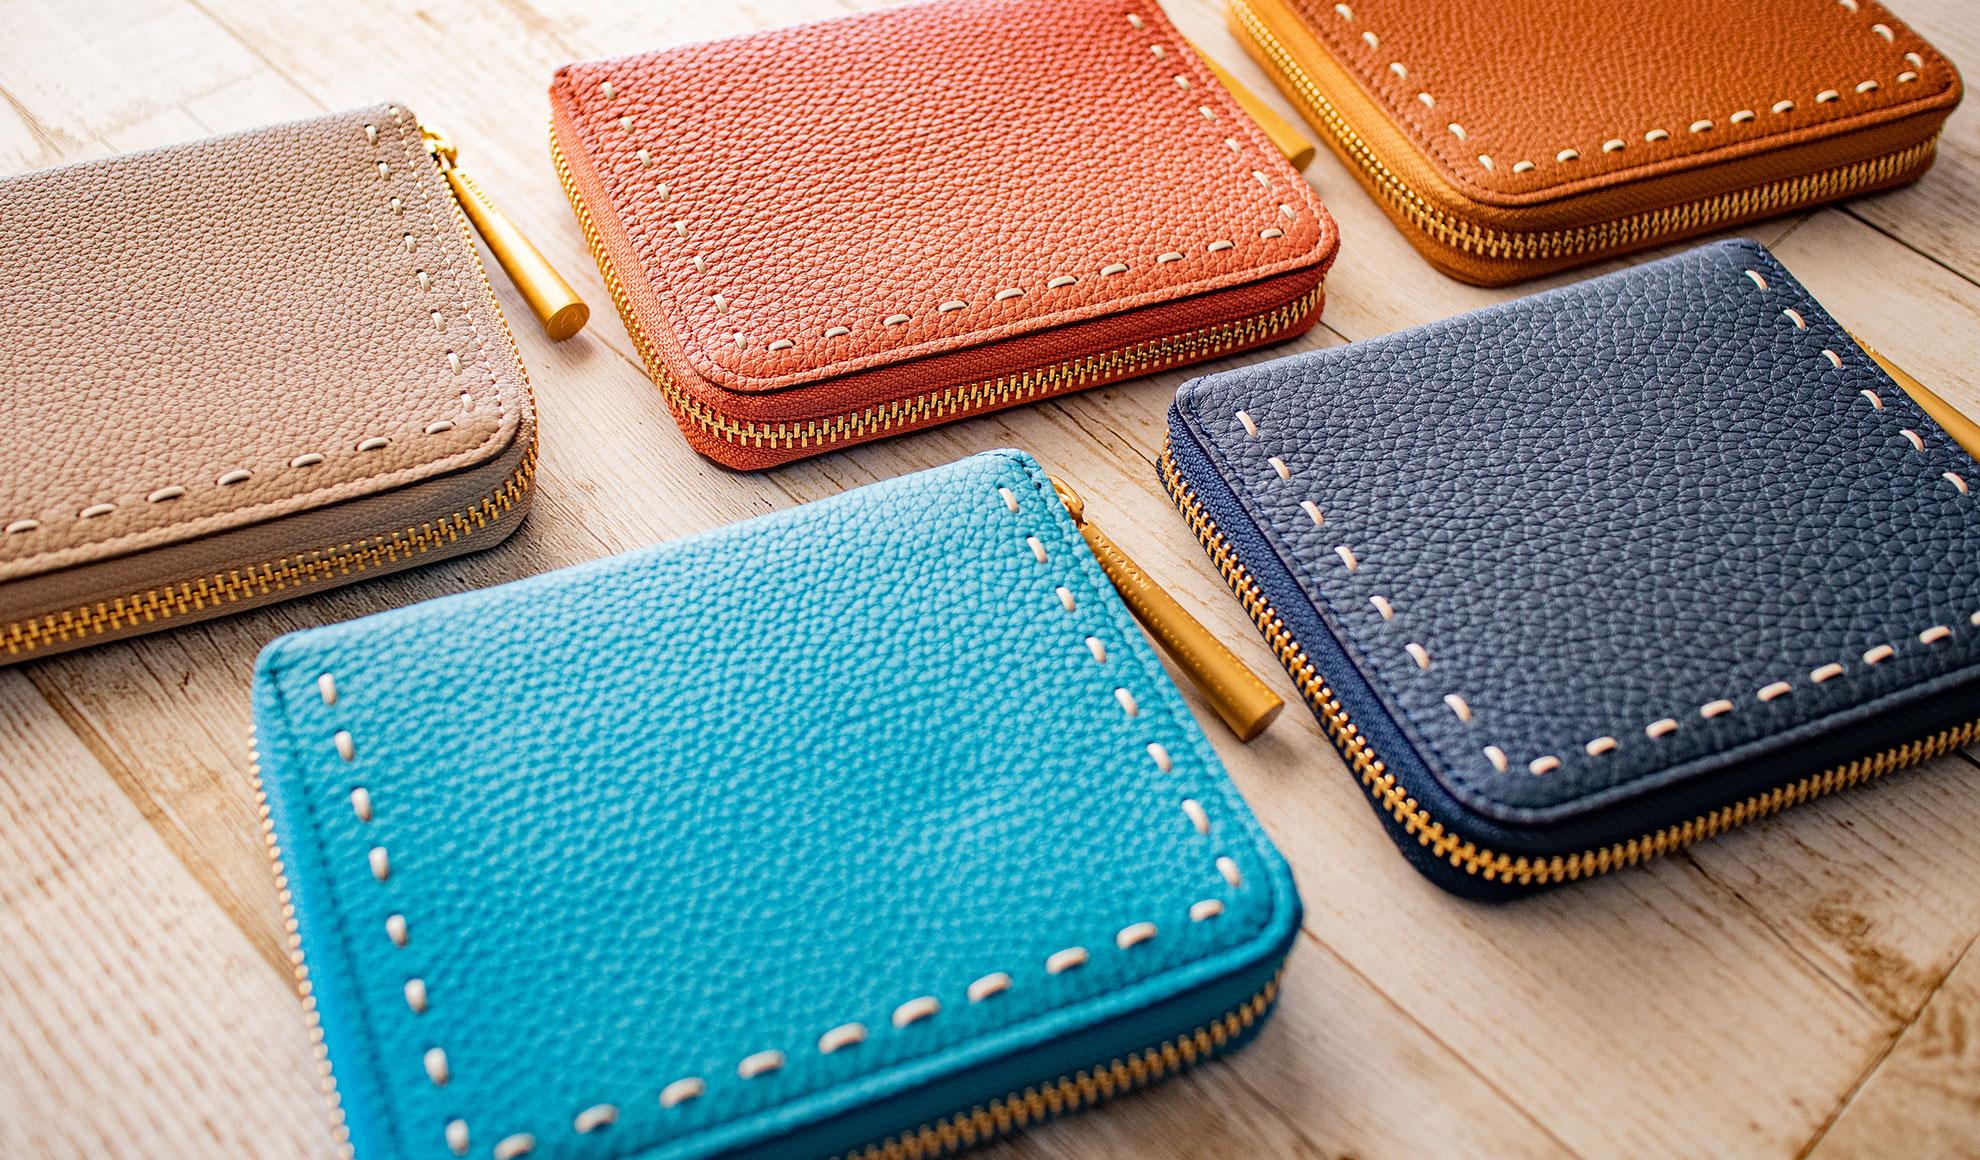 日本製「NAGATANI」最高級の本革シュリンクレザー・エスポワールを使ったウォレット(二つ折り財布/スモールウォレット)「BONNY」誕生